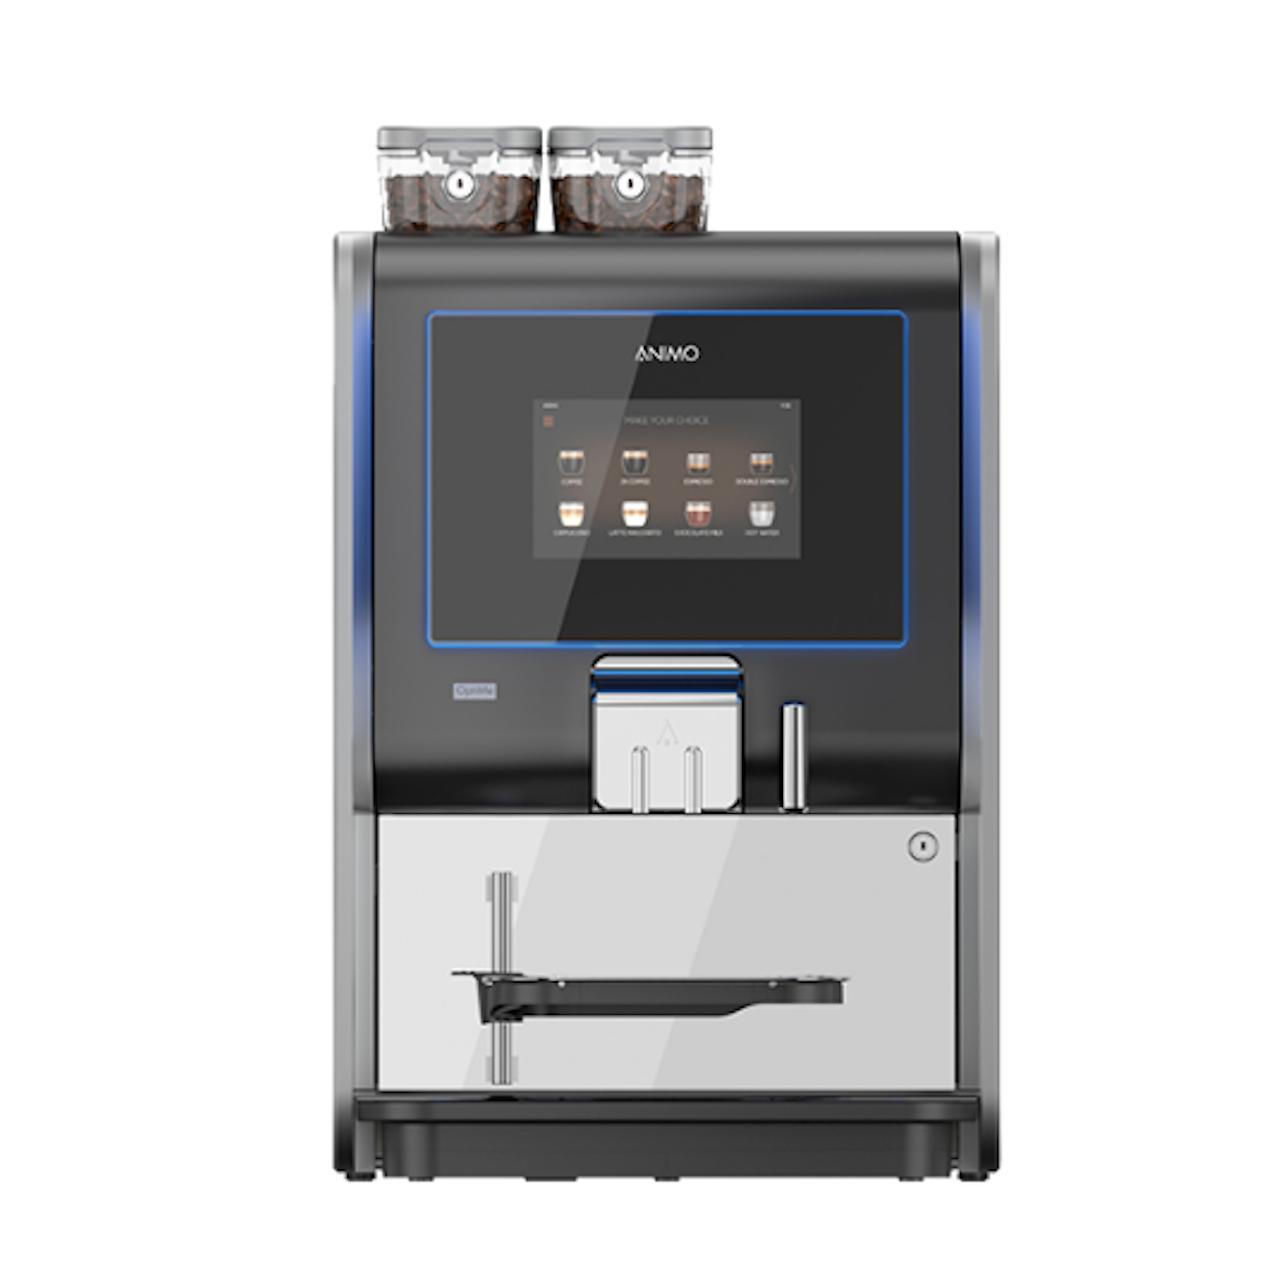 Animo OptiMe koffiemachine voor kantoor